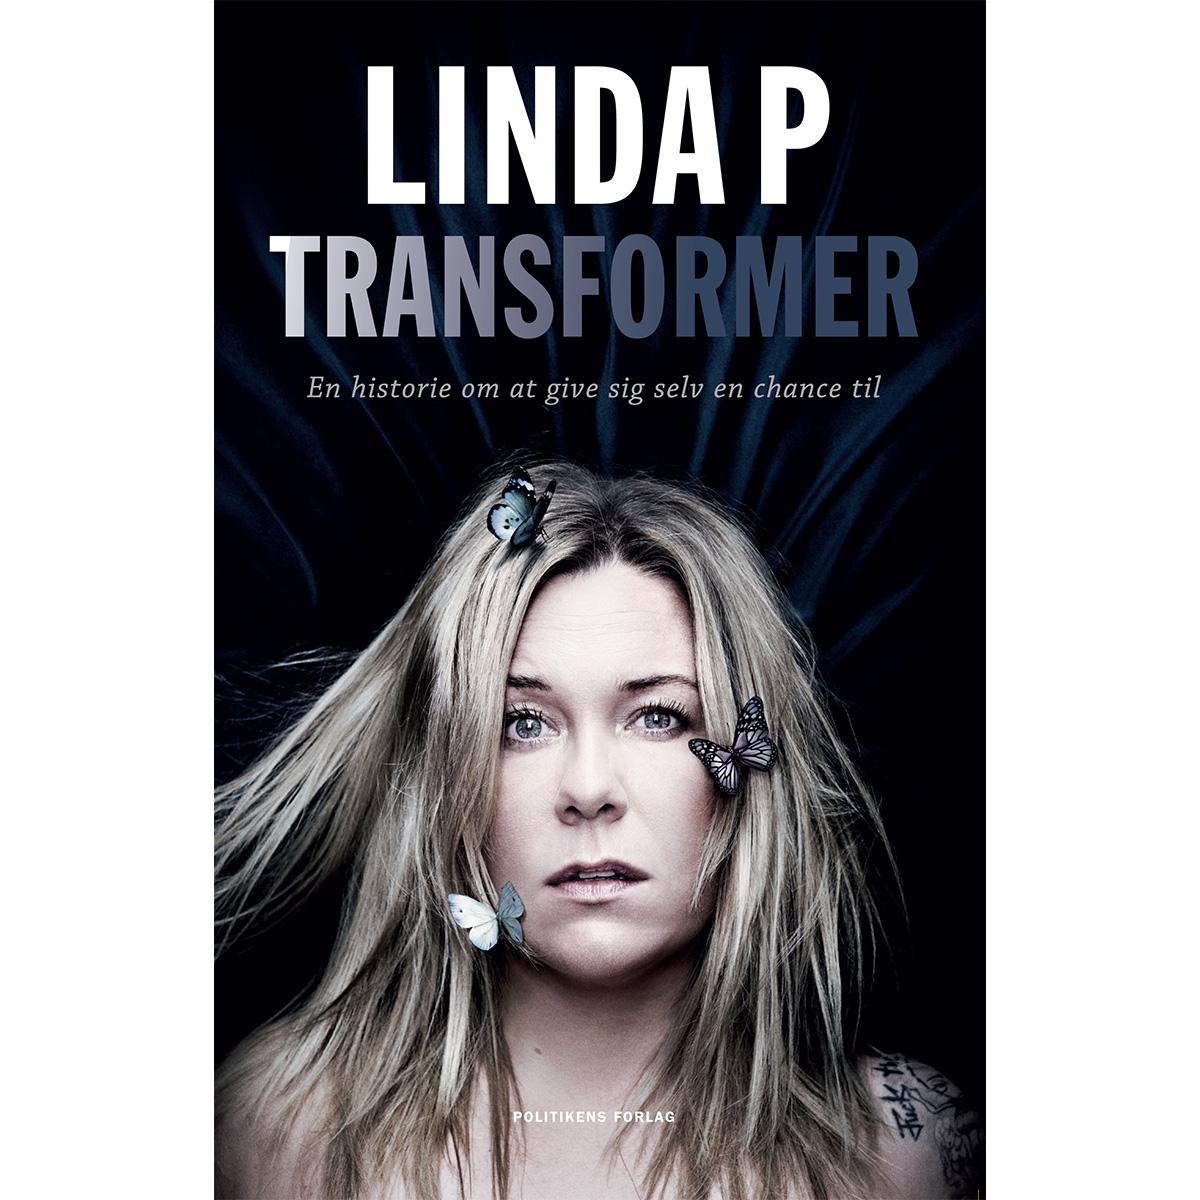 Transformer - En historie om at give sig selv en chance til - Hæftet